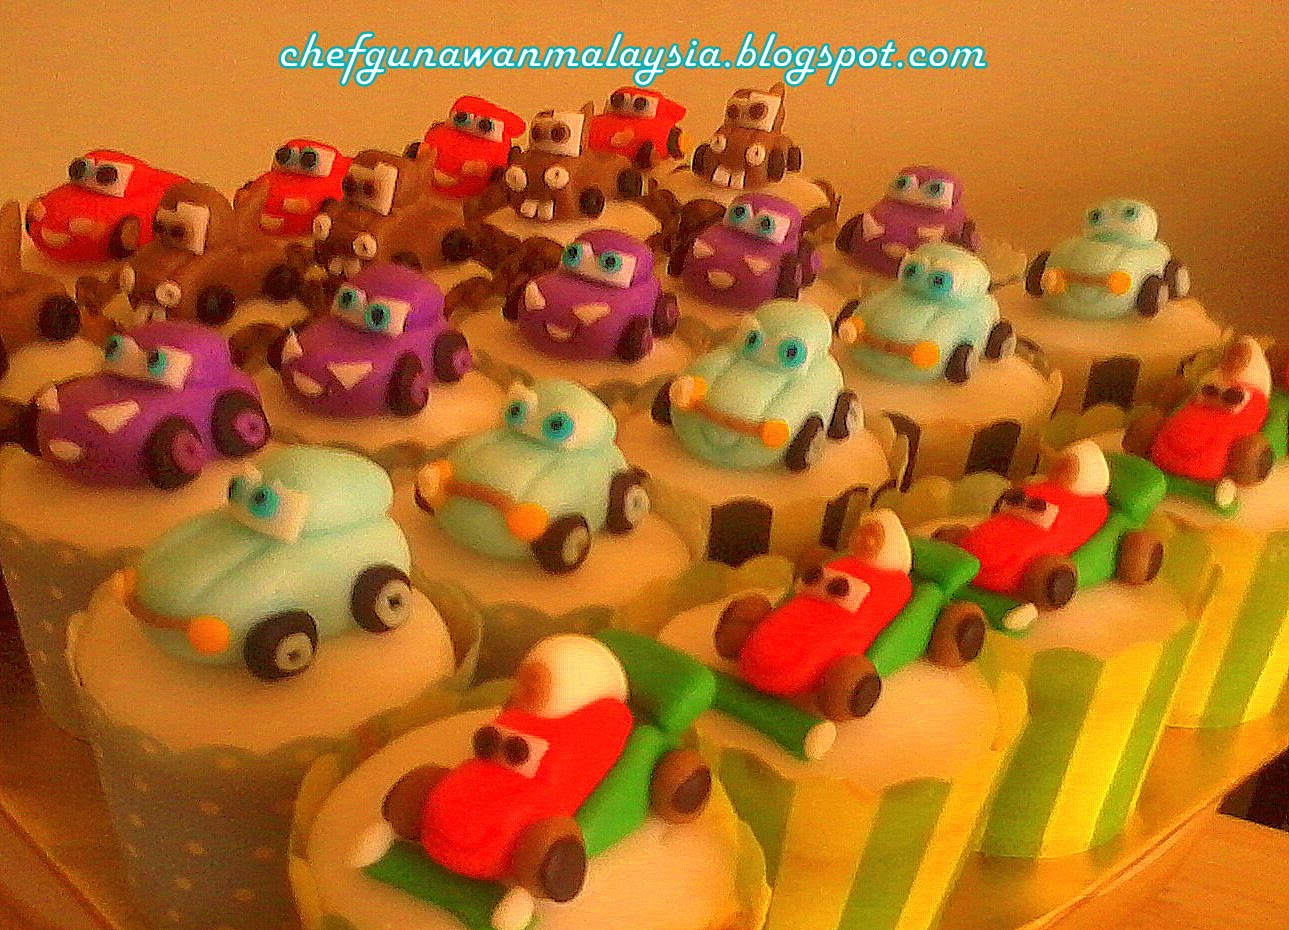 http://3.bp.blogspot.com/-OThsRWXbILM/UNVdsZGeoII/AAAAAAAACmk/Qe8D-hR4Kzc/s1600/Cupcakes%2B3D%2BThe%2BCars%2Bchef%2Bobie%2Bwan.jpg